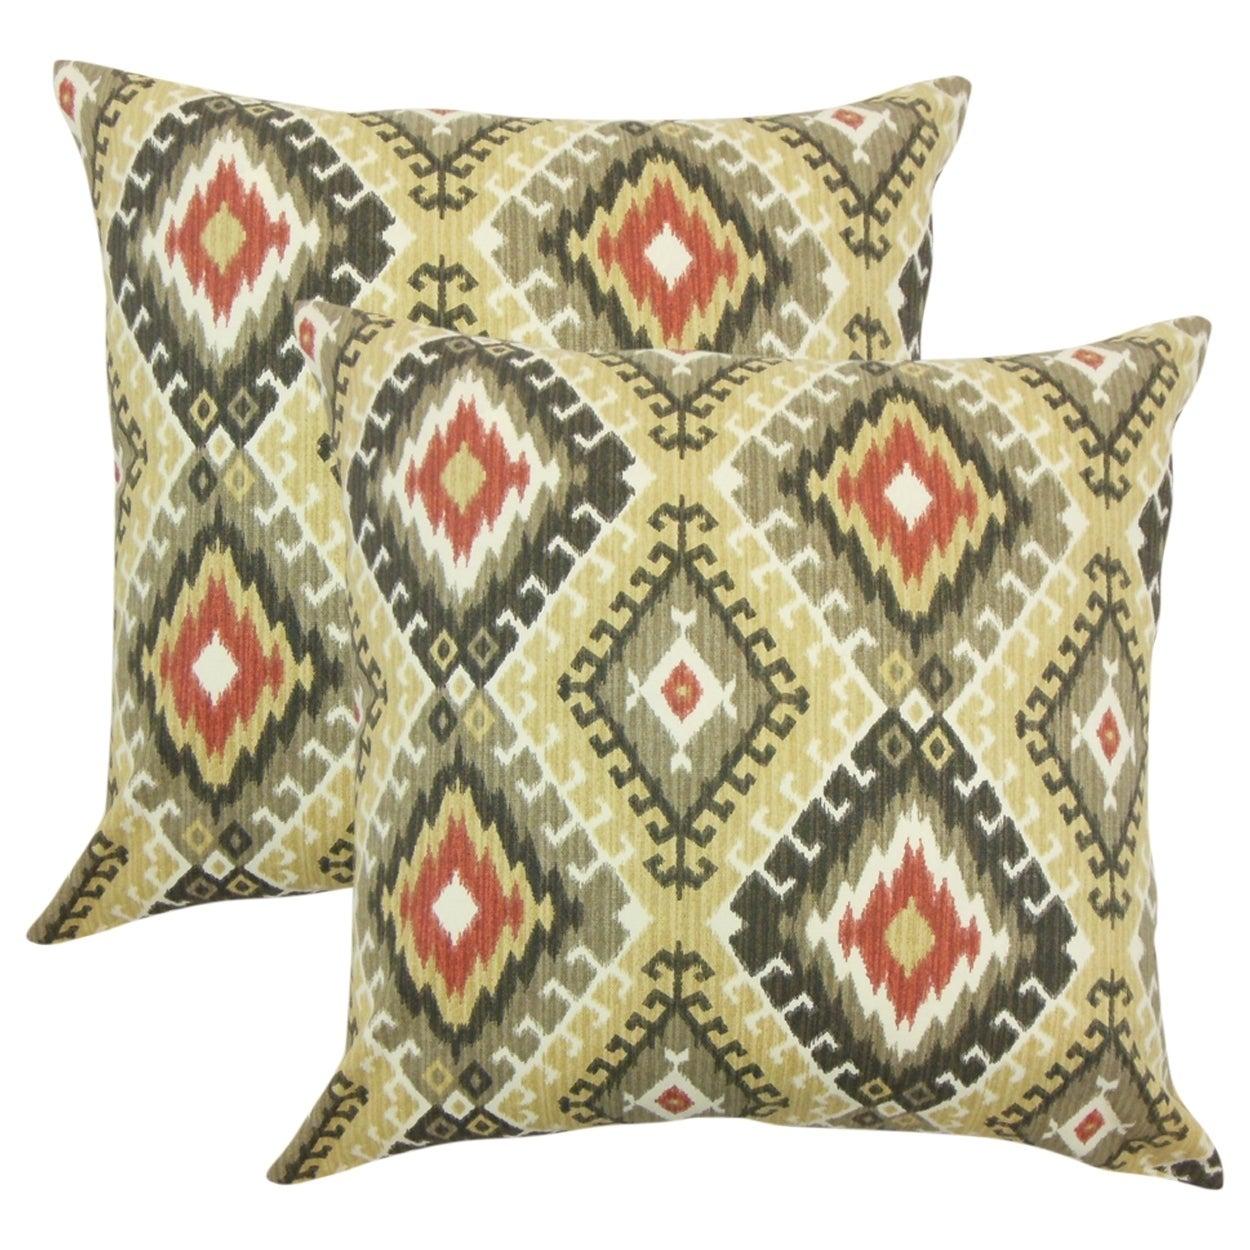 The Pillow Collection Jinja Ikat Throw Pillow Cover